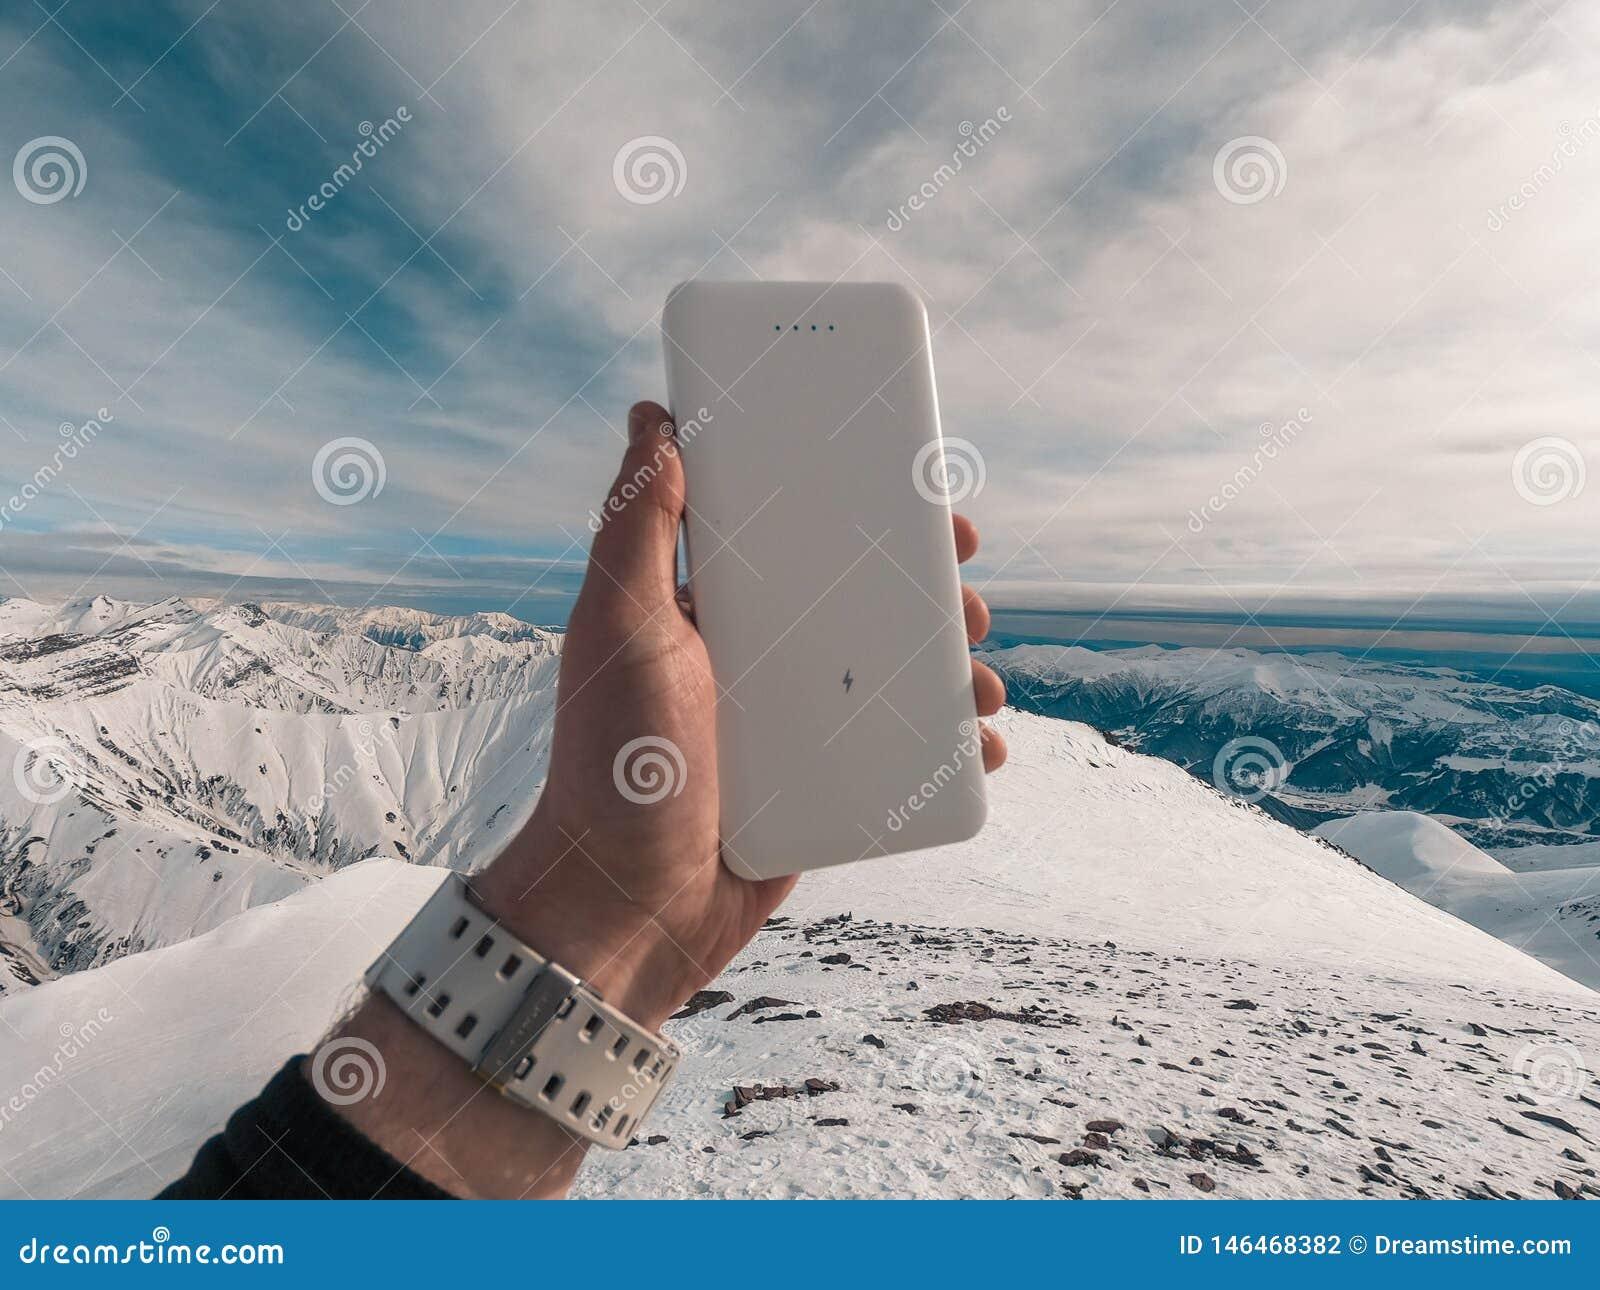 Banco del poder en manos Las cargas tur?sticas los dispositivos en naturaleza, contra el contexto de las monta?as de un invierno